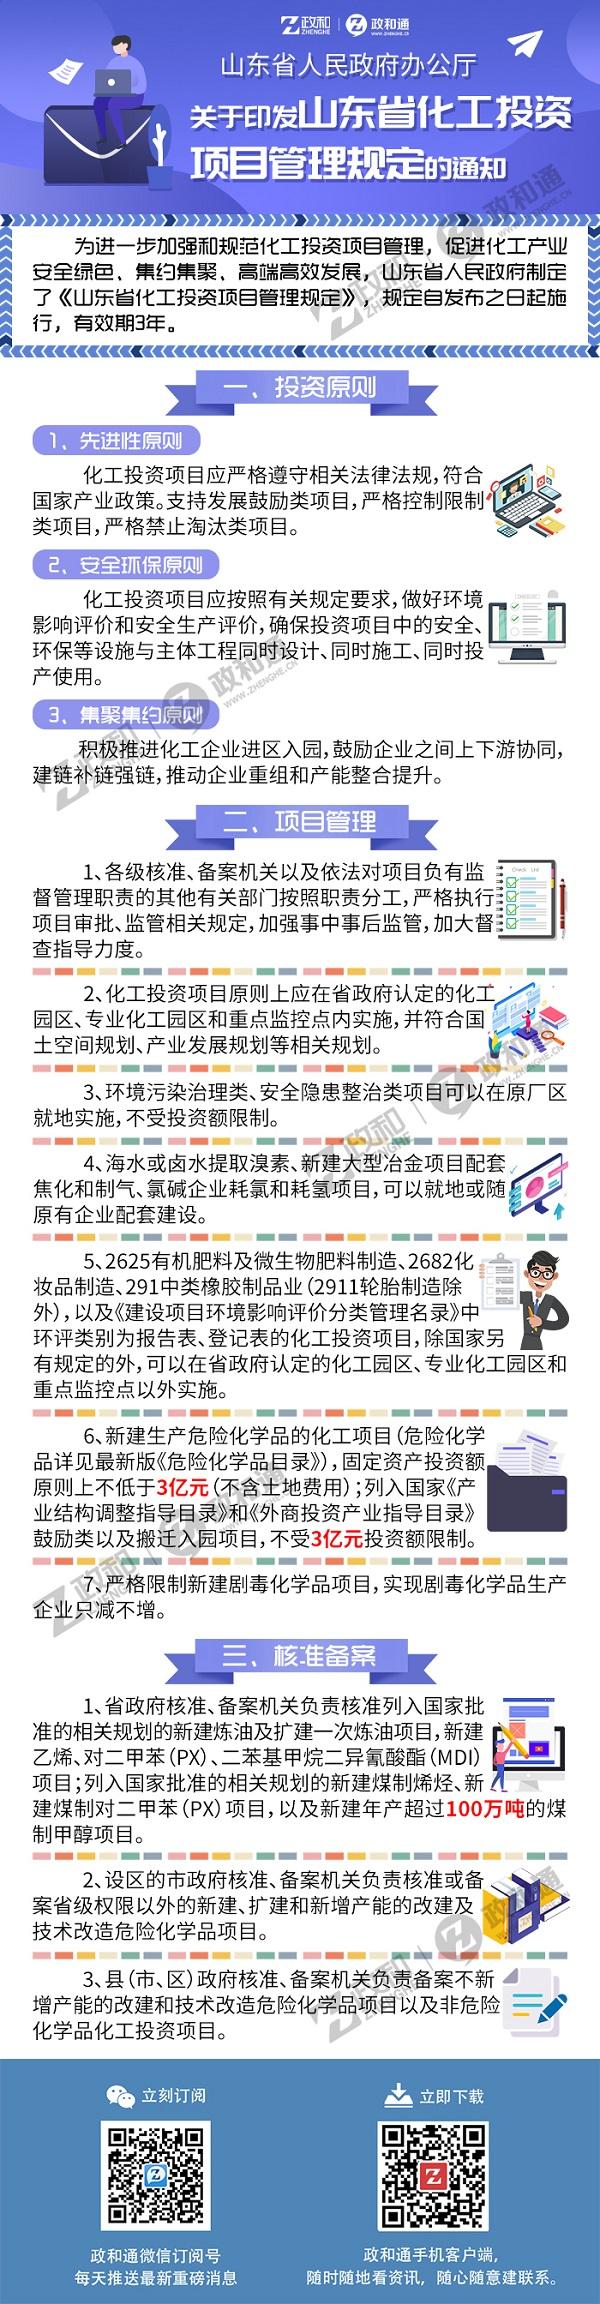 解读-山东省人民政府办公厅关于印发山东省化工投资项目管理规定的通知.jpg